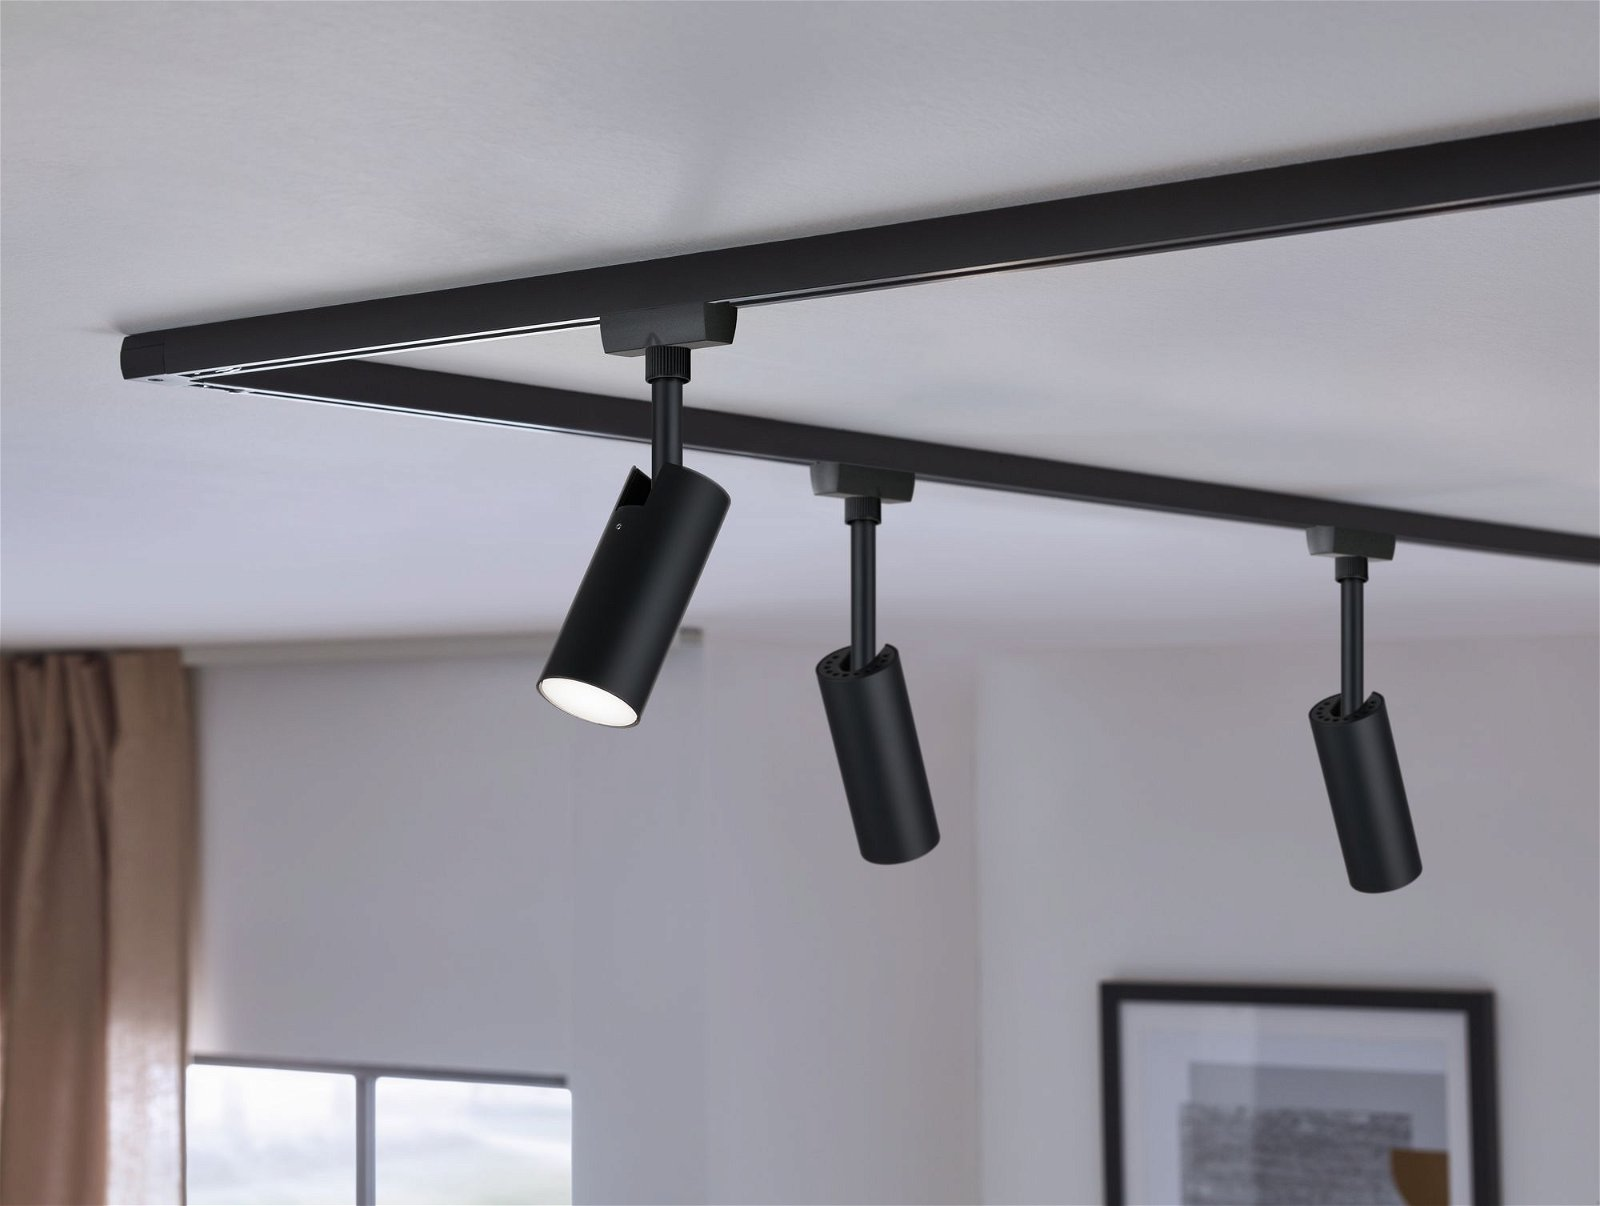 URail LED Schienenspot Tubo Einzelleuchte 540lm 4,5W 4000K 230V Schwarz matt/Chrom